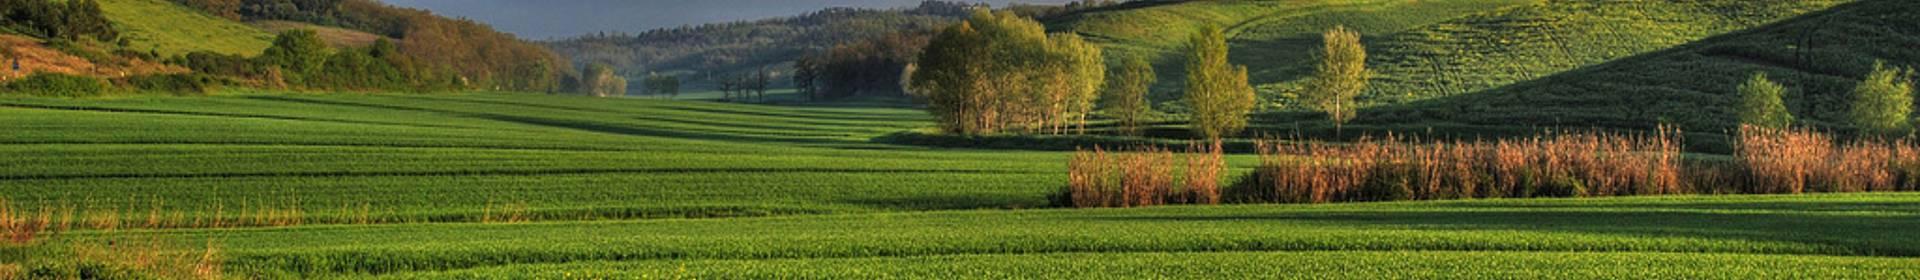 Región de Toscana